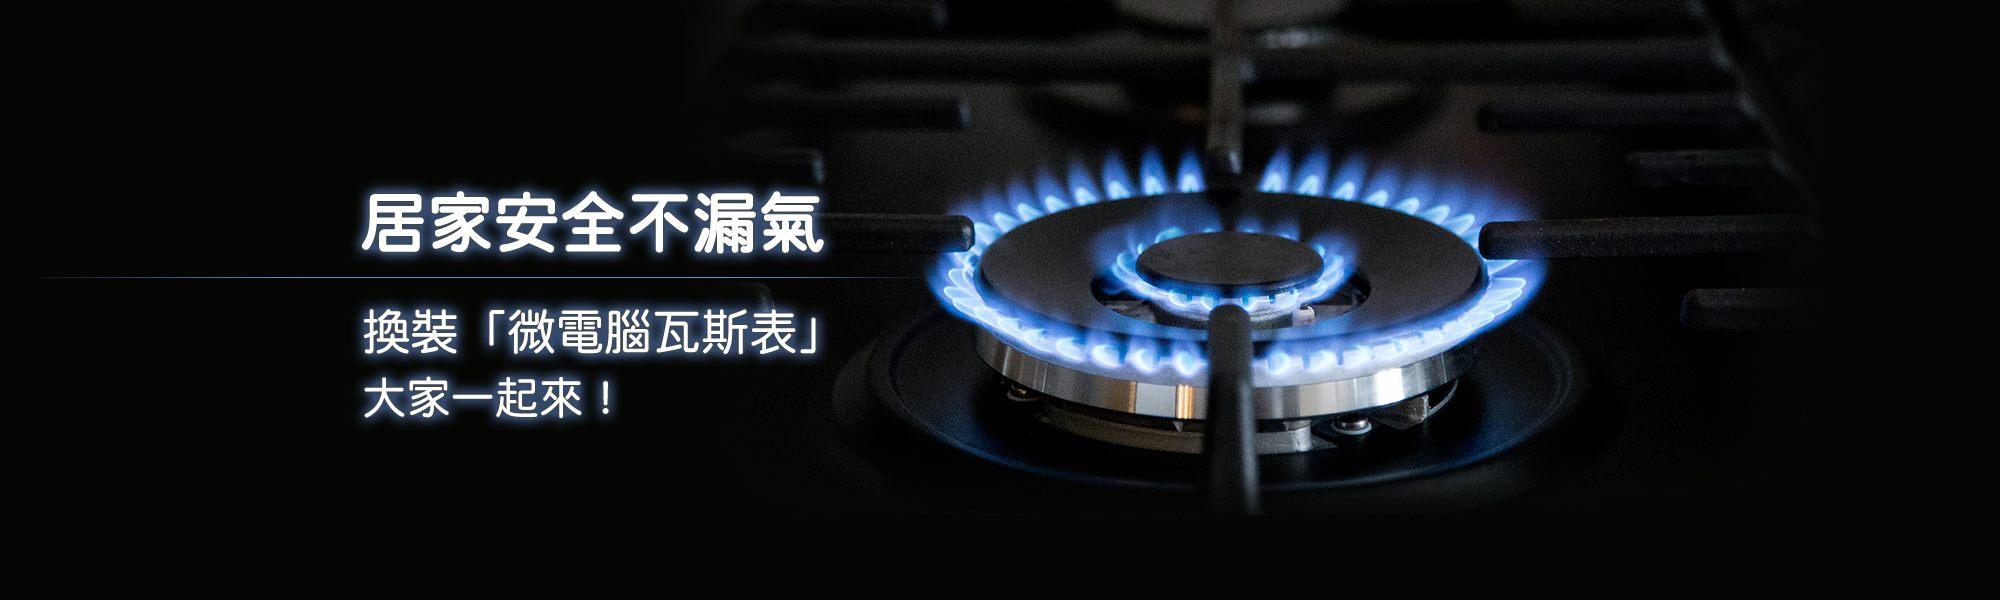 居家安全不漏氣,換裝「微電腦瓦斯表」大家一起來!